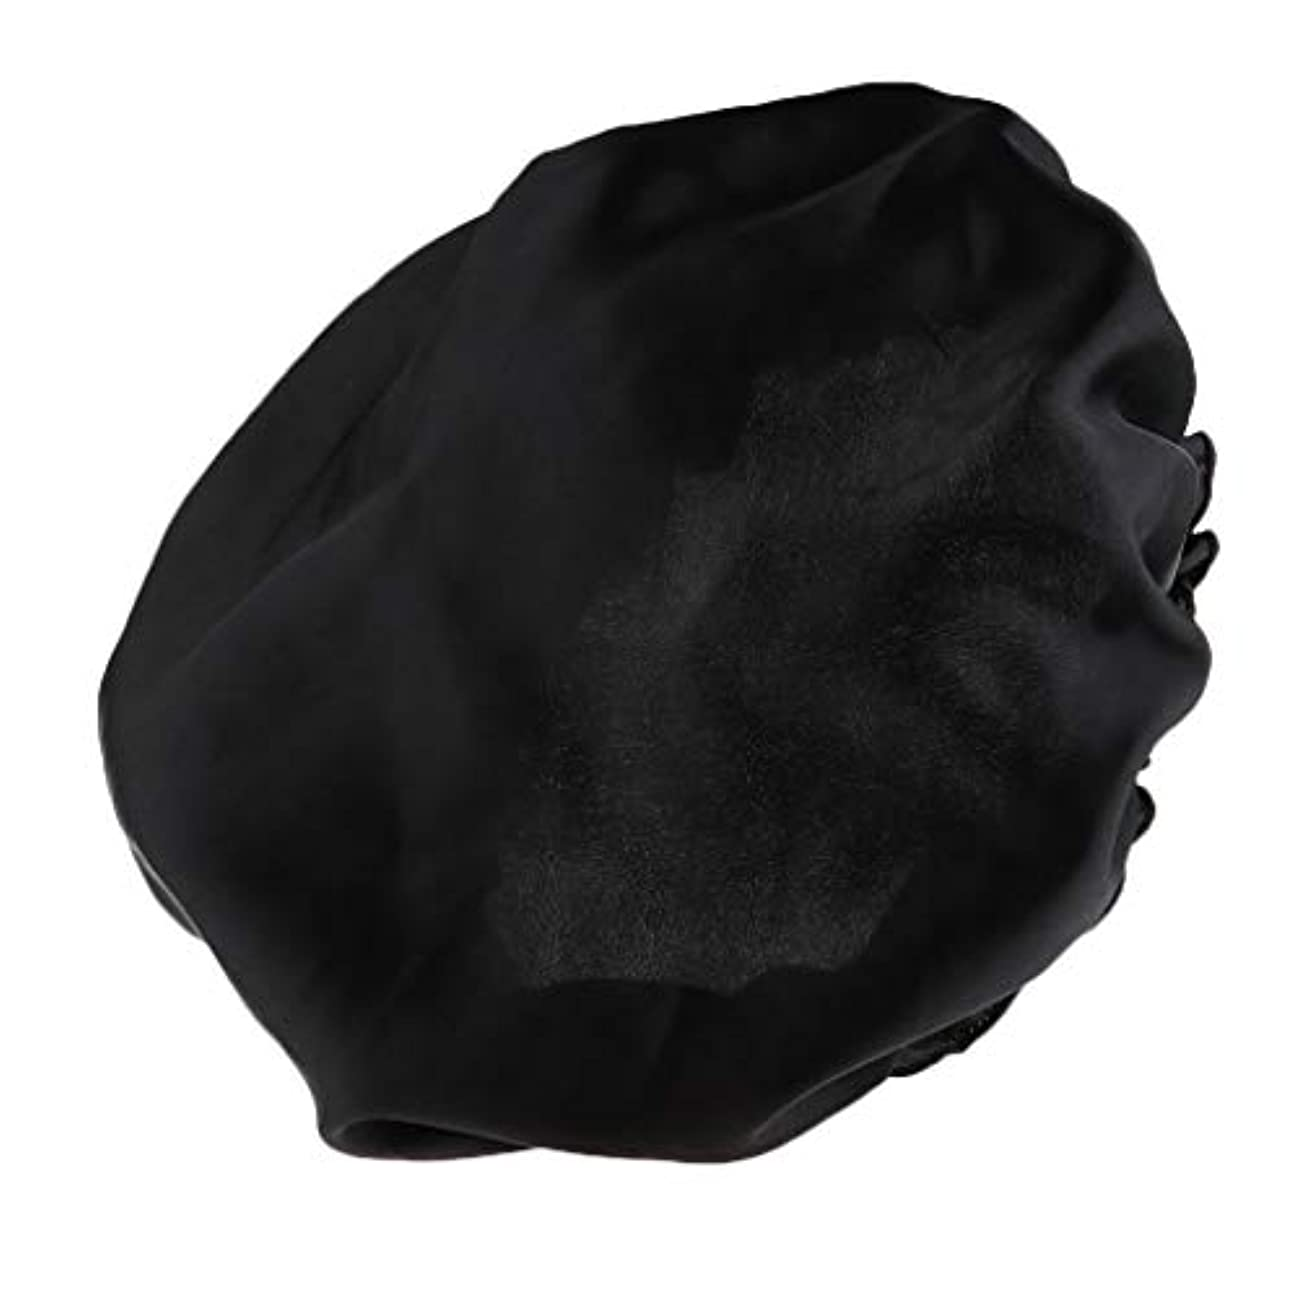 パターン着替えるミケランジェロシャワーキャップ シルクサテン 眠り帽子 ヘッドカバー 睡眠キャップ ヘアケア 全8色 - ブラック